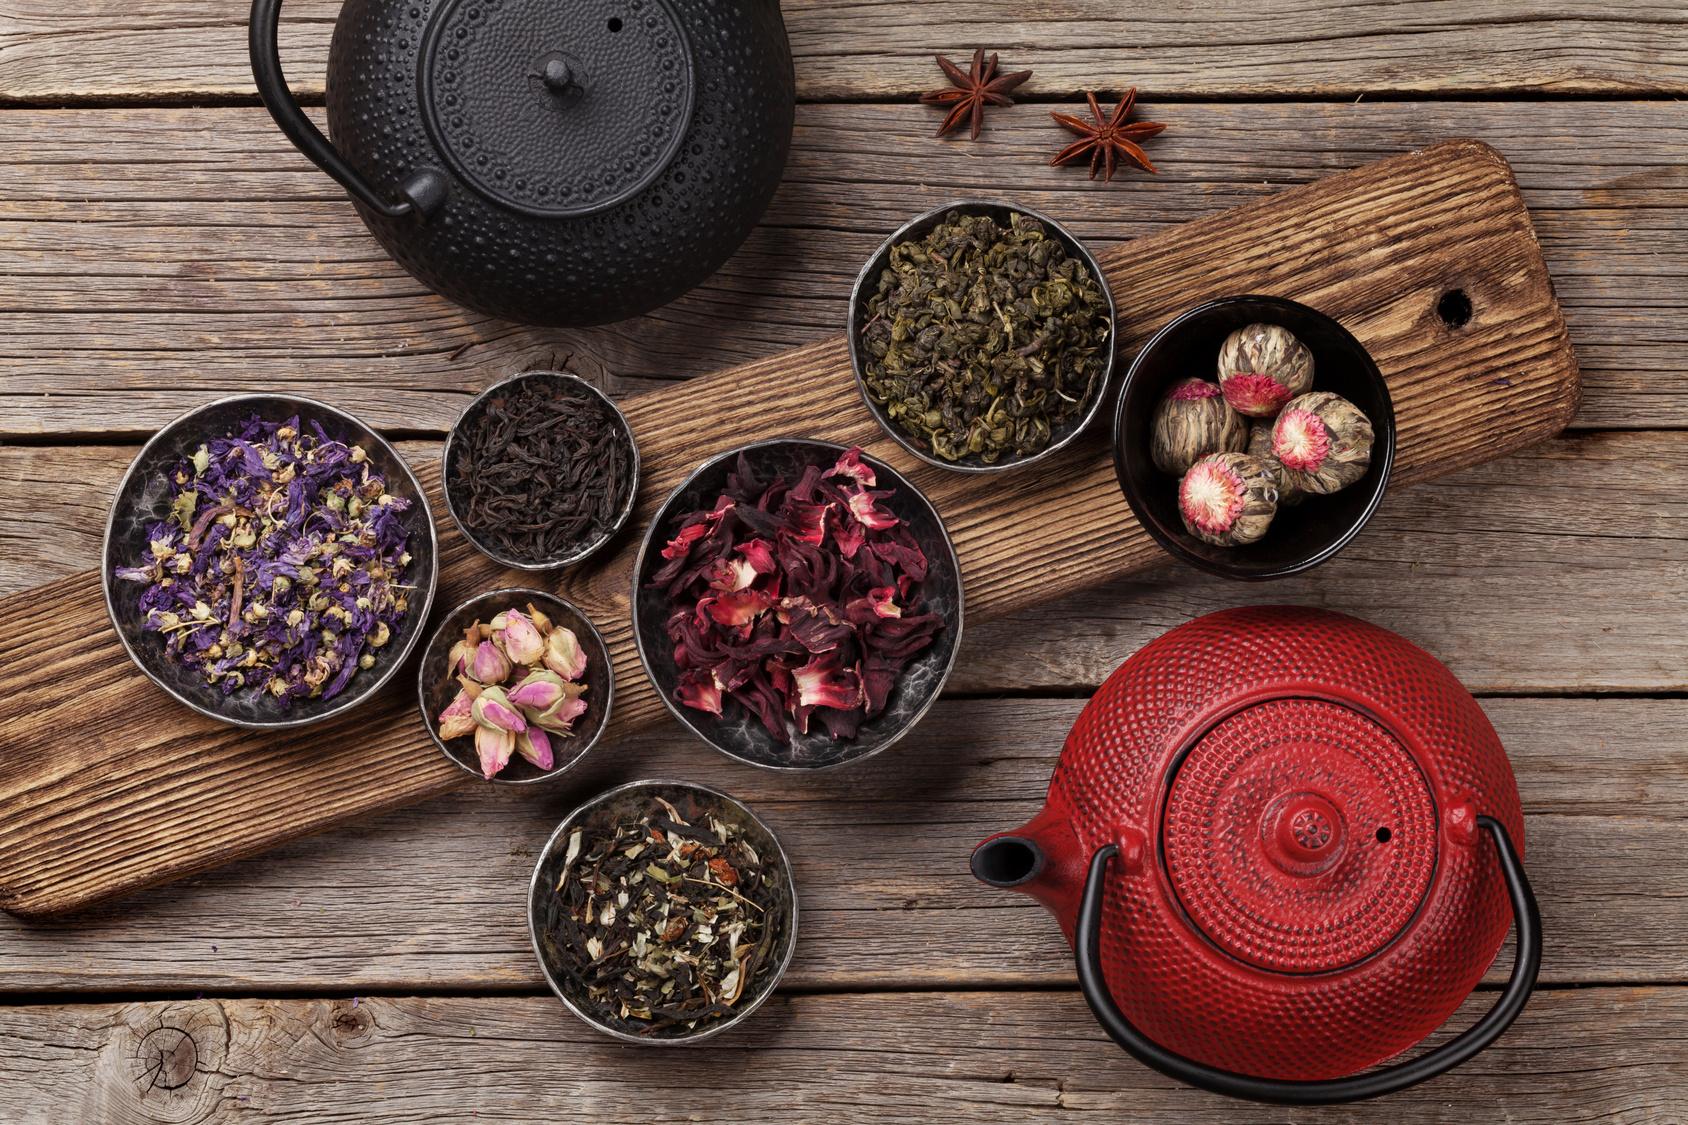 Mehr als ein leckeres Getränk - Wissenswertes rund ums Thema Tee ...